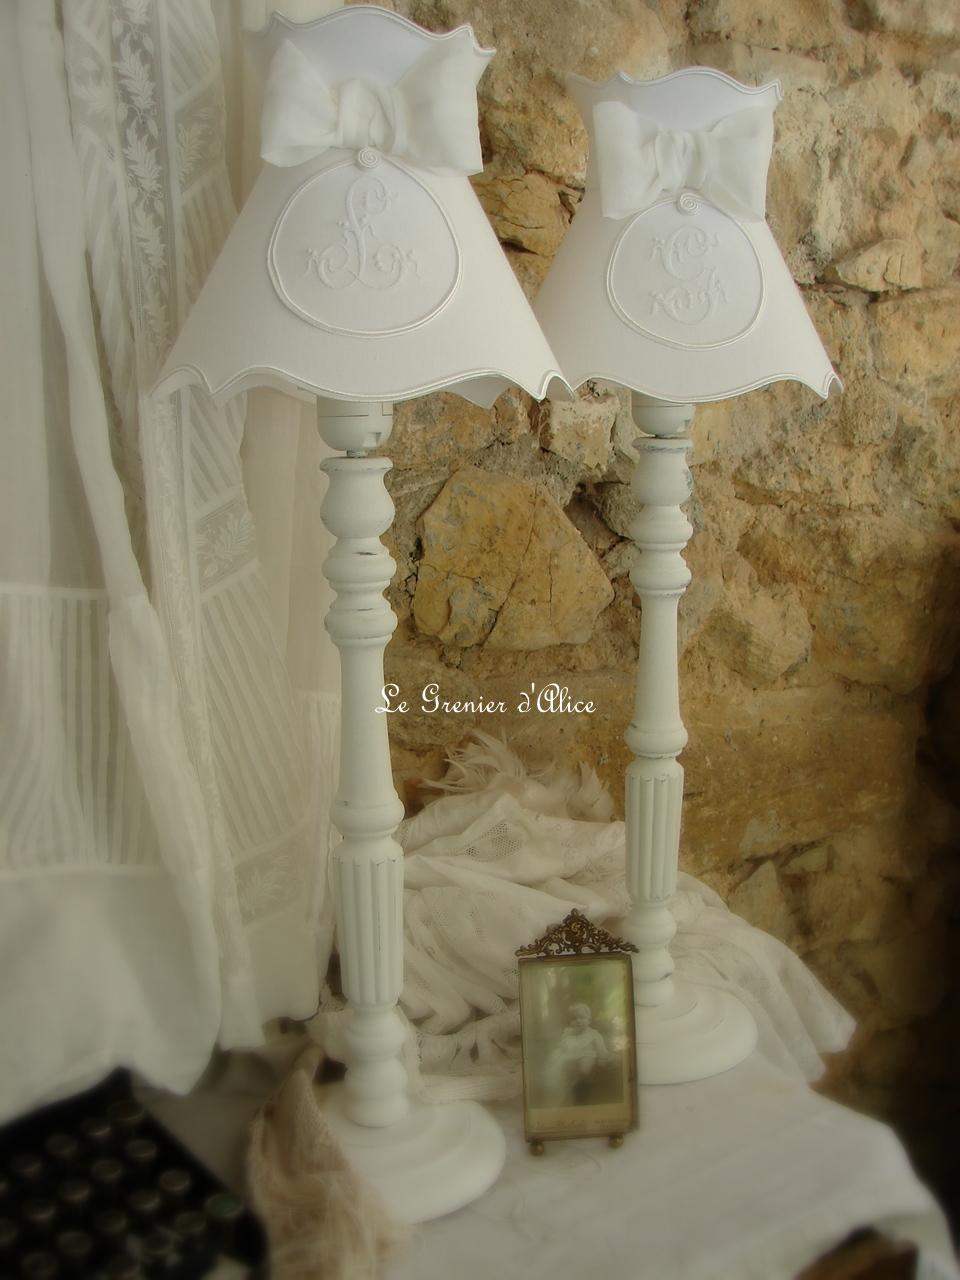 Les abat jour romantiques et shabby chic romantic and for Decoration chic et charme